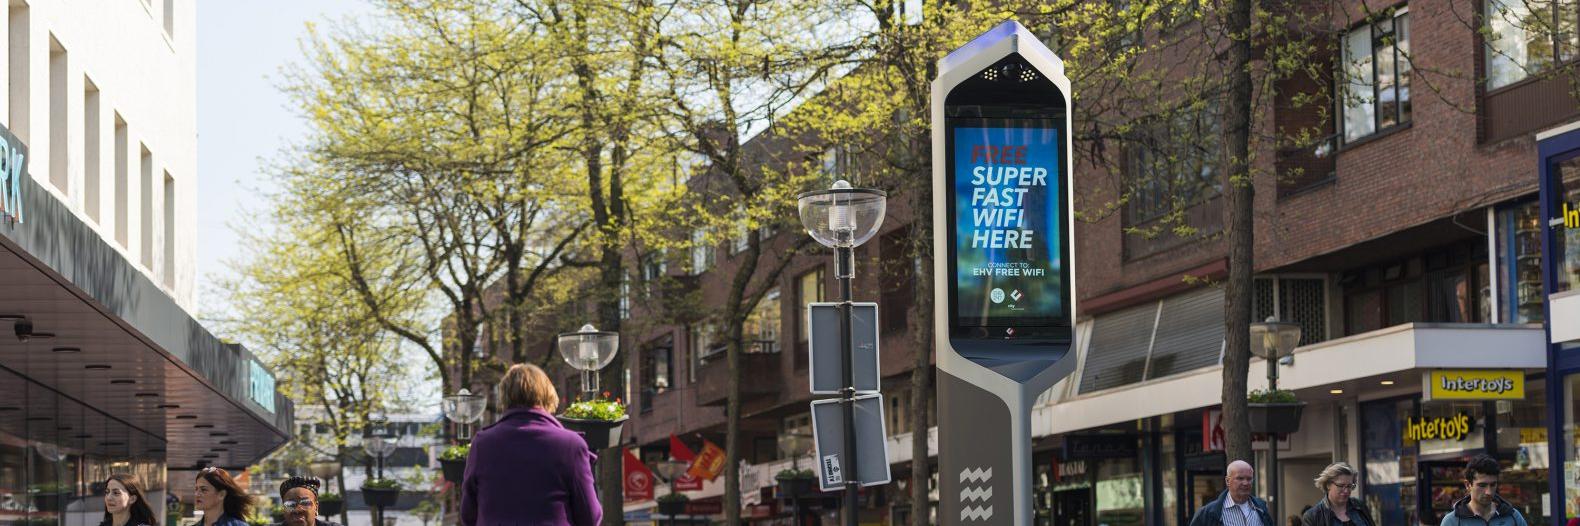 Nieuwe digitale schermen in hartje Eindhoven